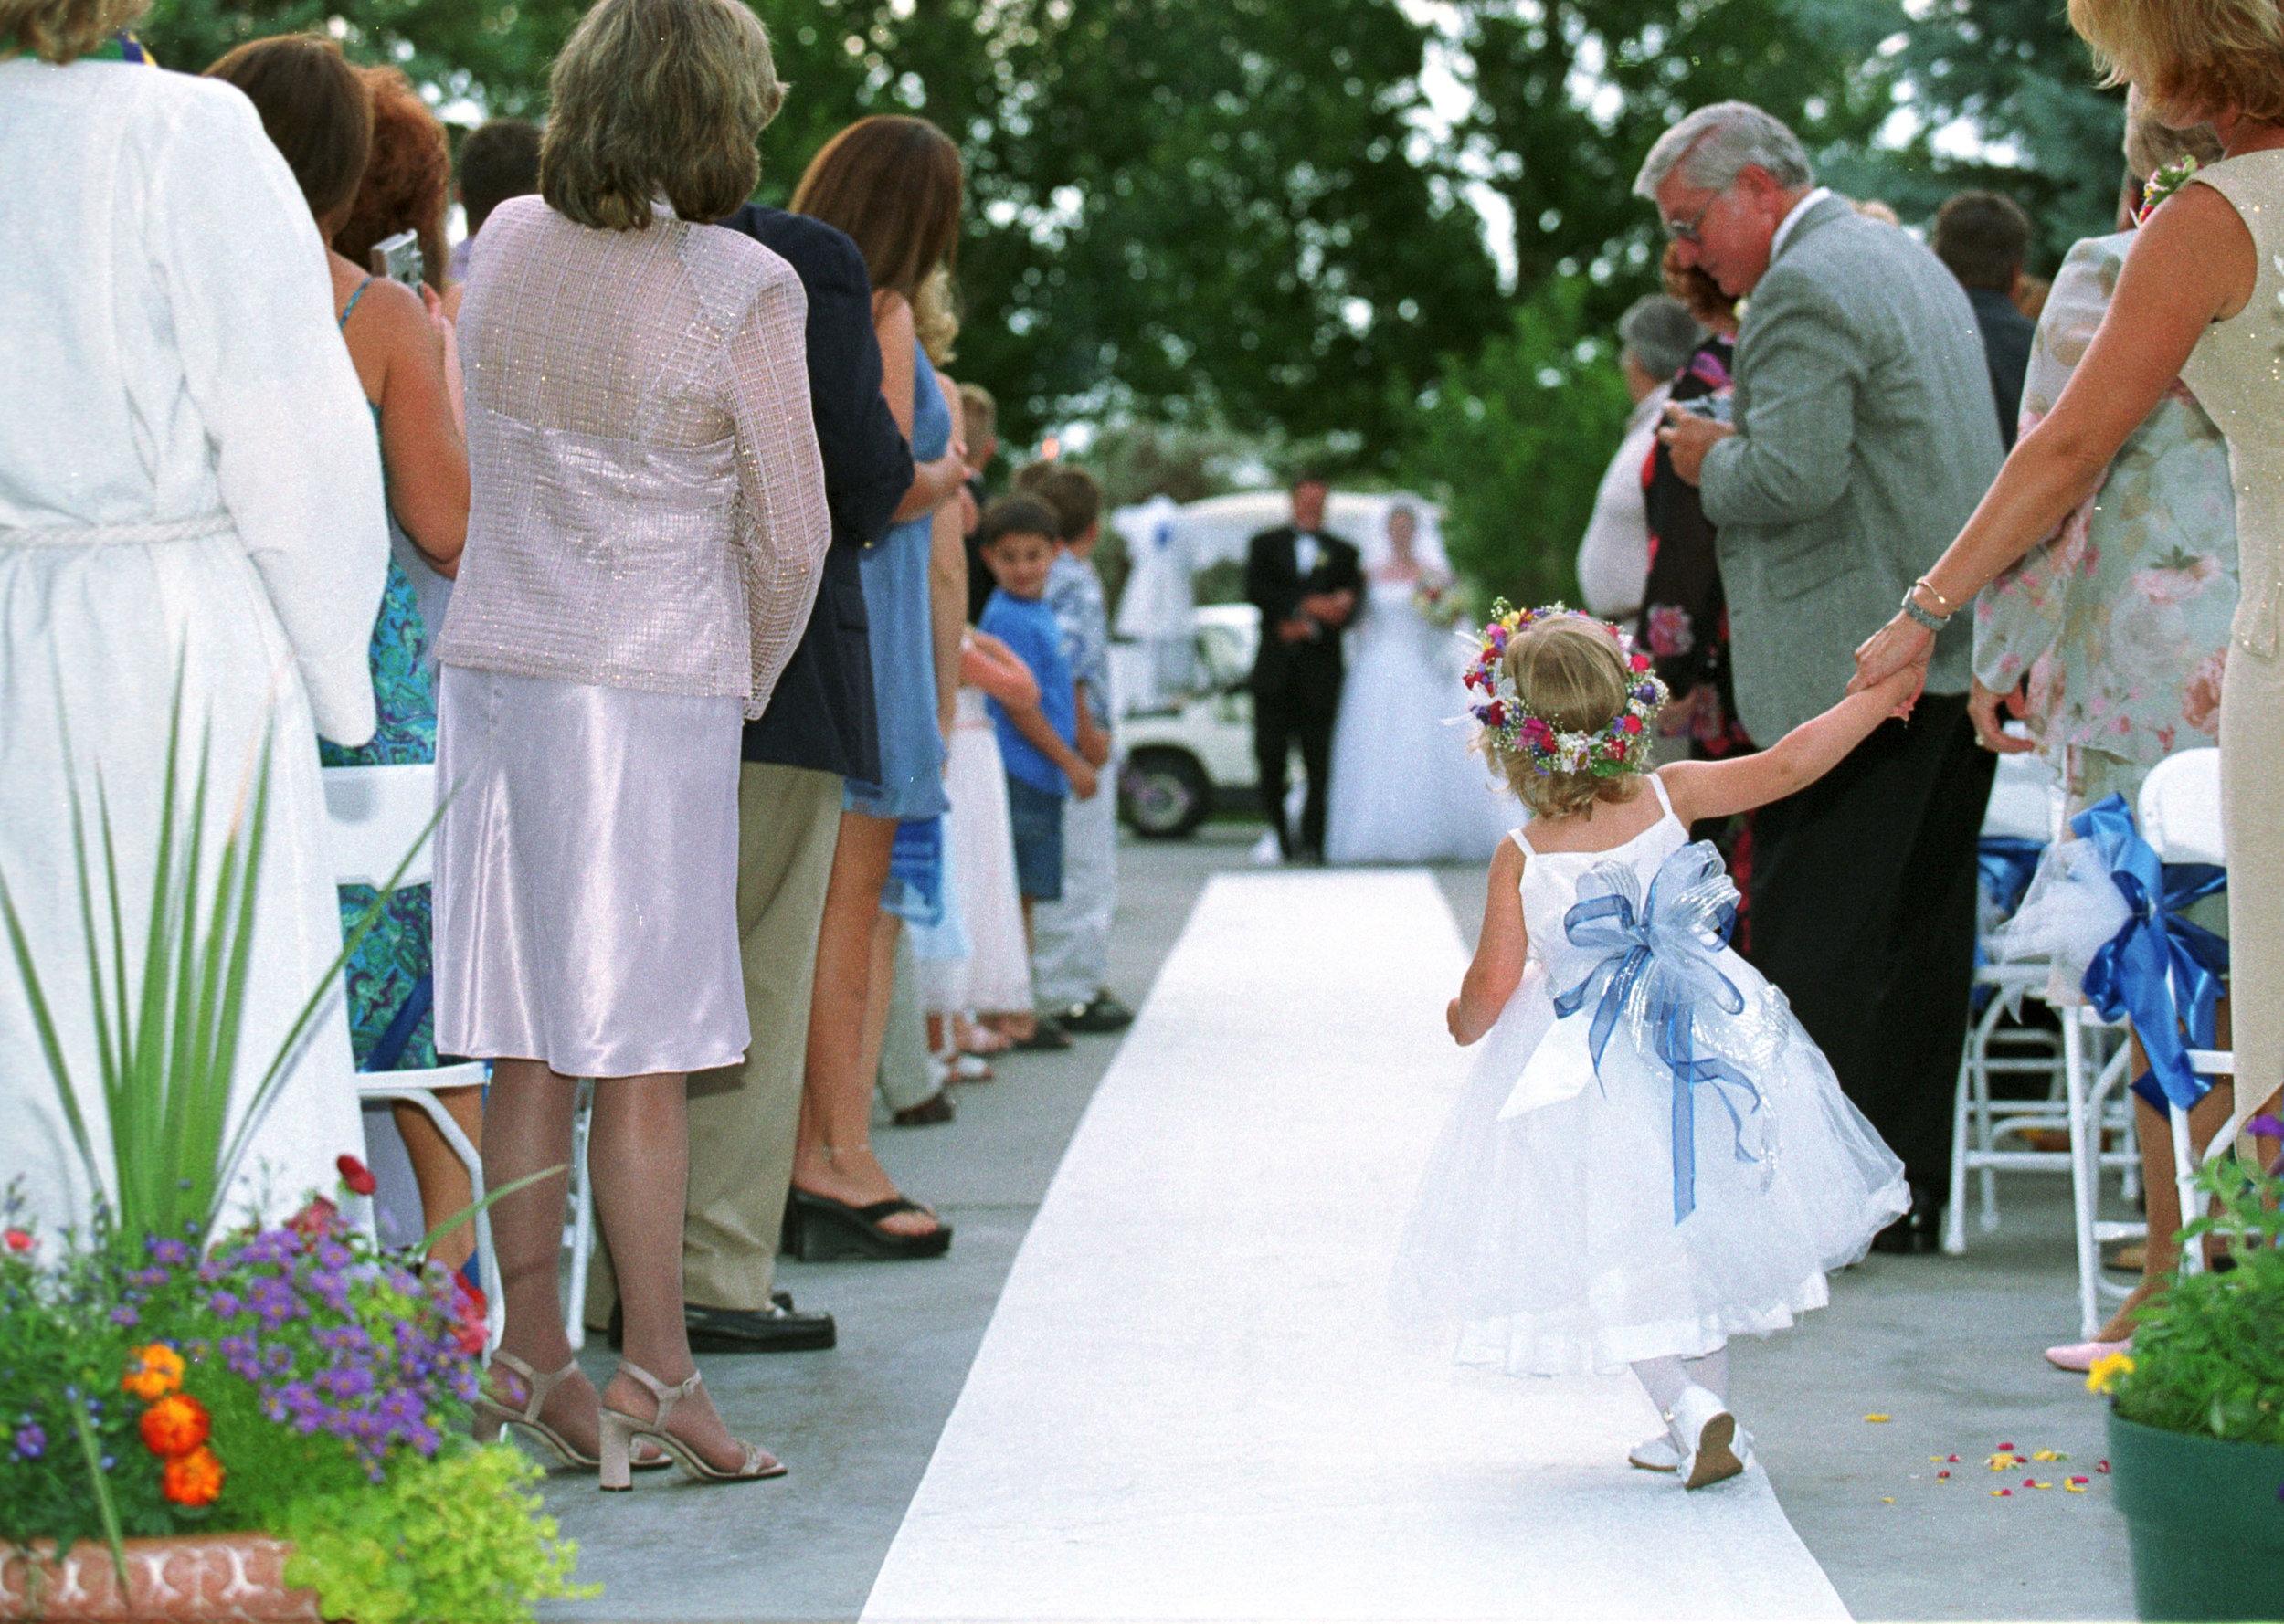 vail-golf-course-wedding-rates-axelphoto.JPG